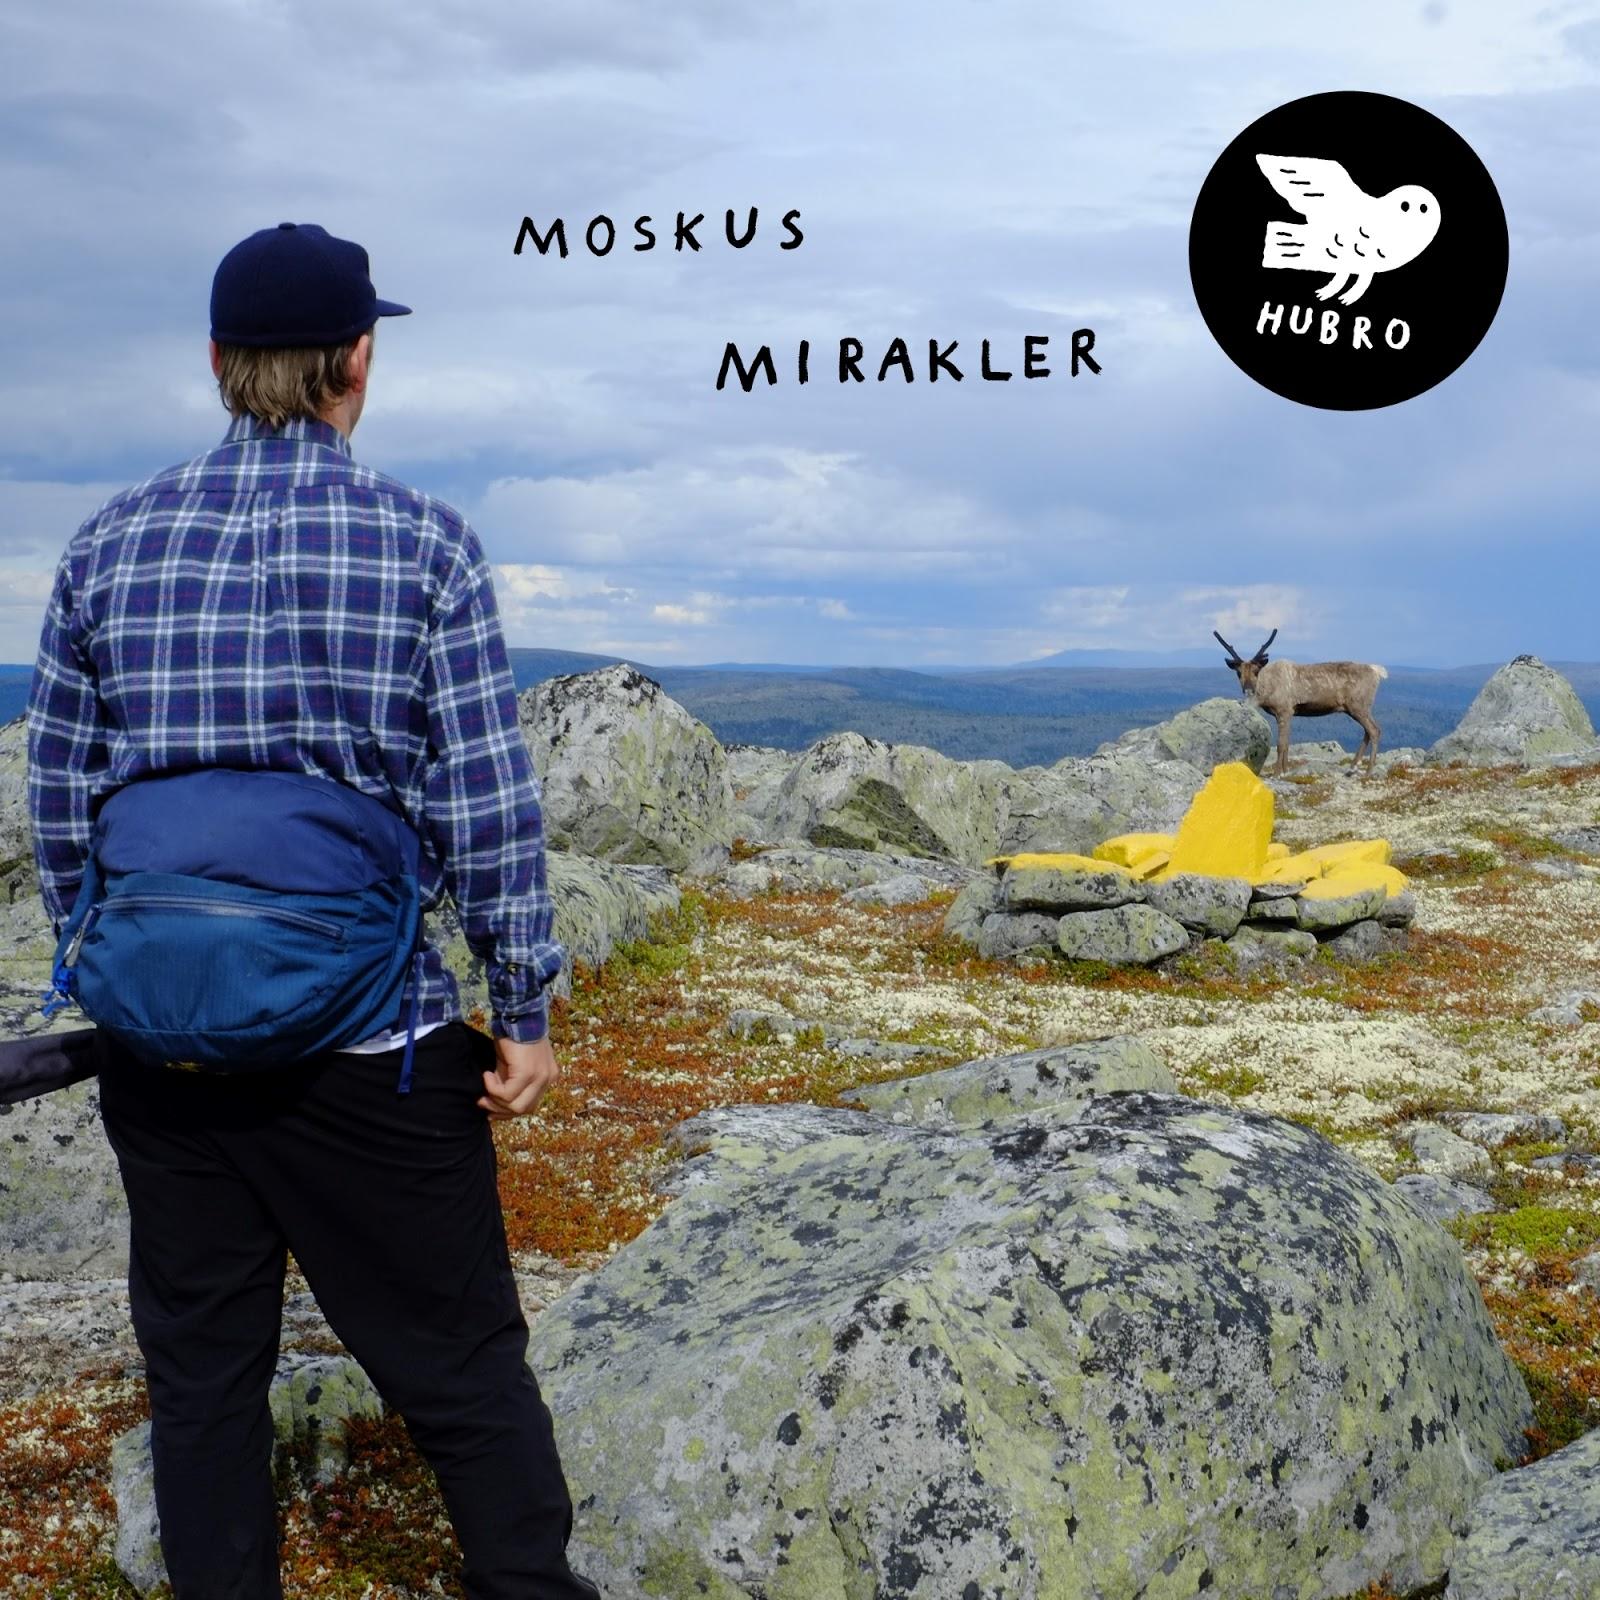 Bildresultat för Moskus Mirakler